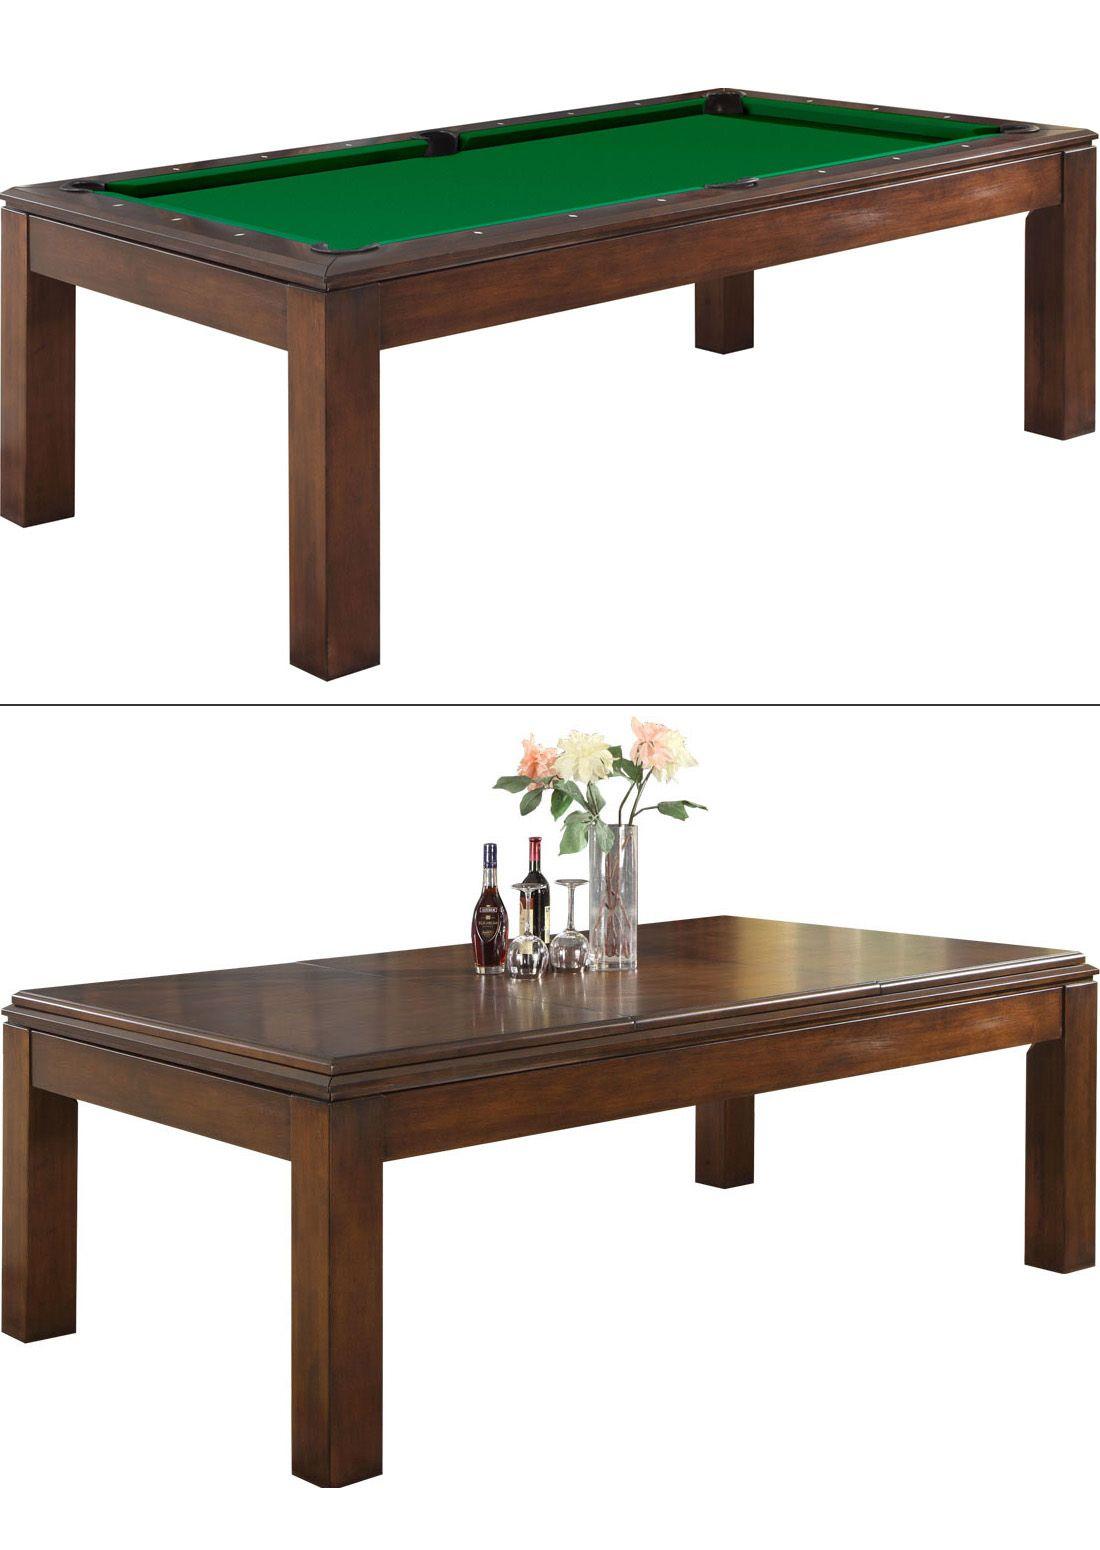 Ozone Billiards Pool Table Dining Tables Pool Tables Pool Table Dining Table Billiard Pool Table Pool Table